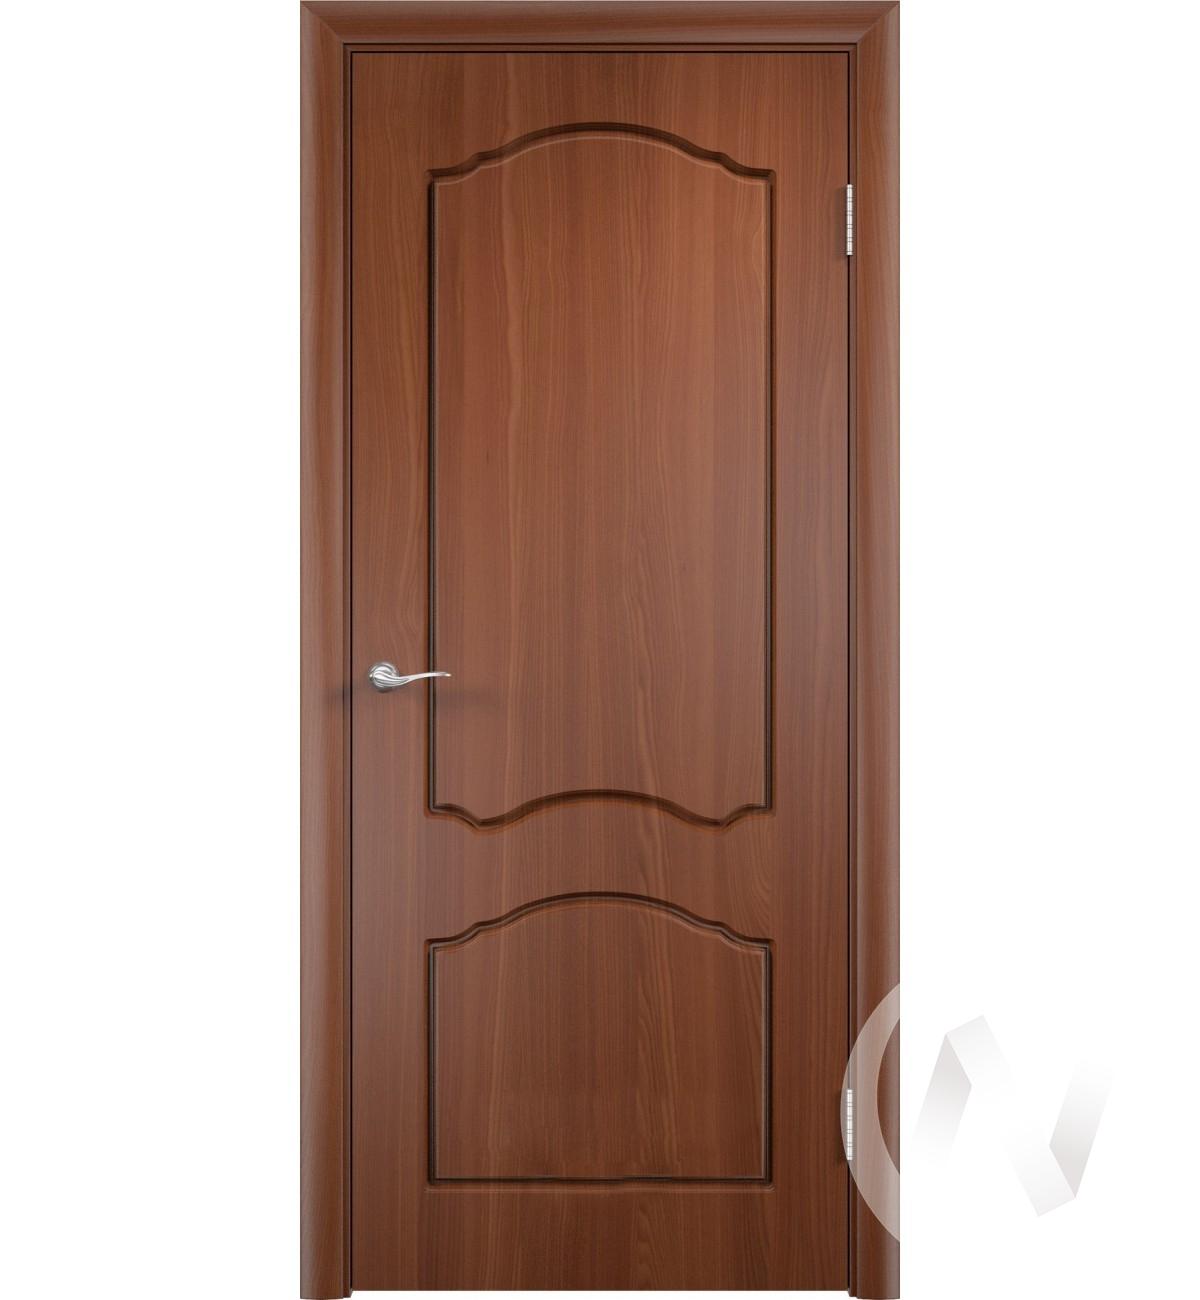 Дверь ПВХ Тип Азалия, 60, глухая, итальянский орех